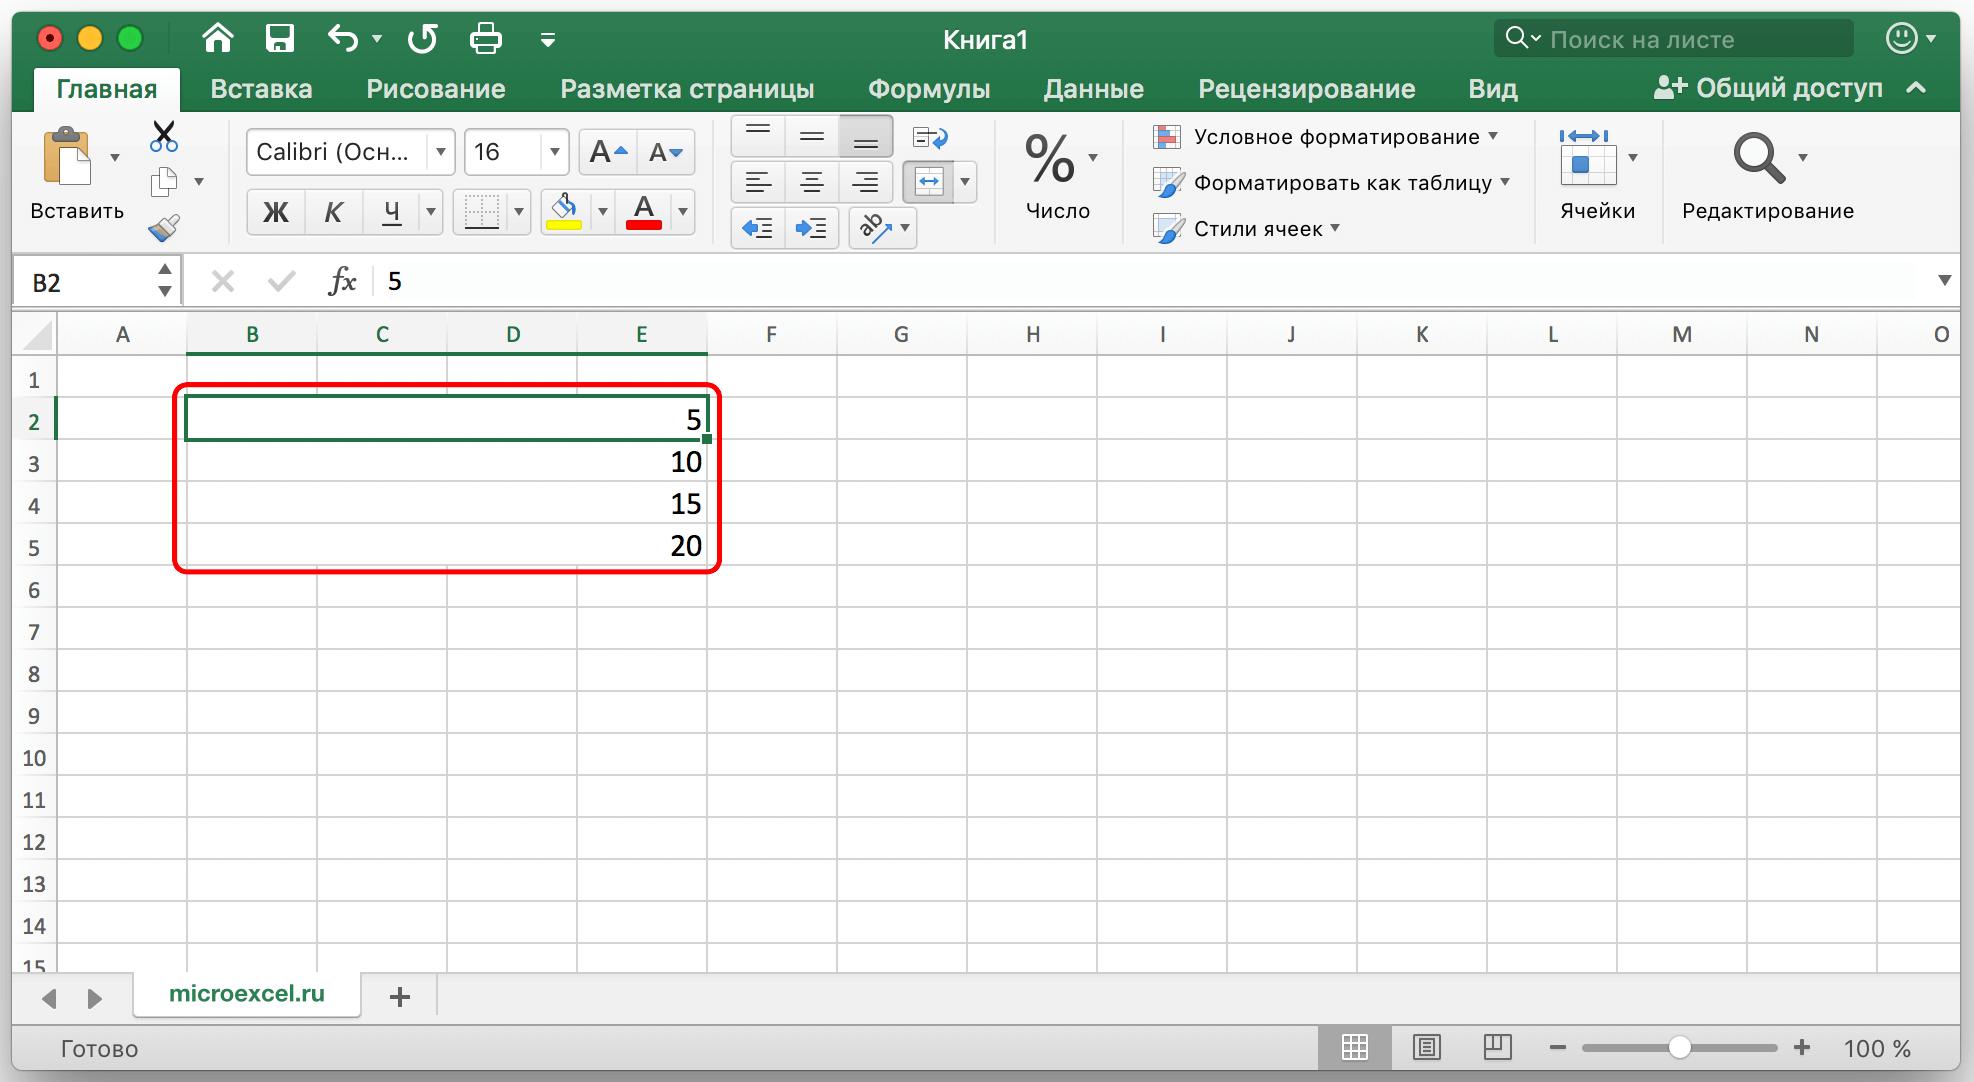 Как объединить ячейки в Экселе без потери данных